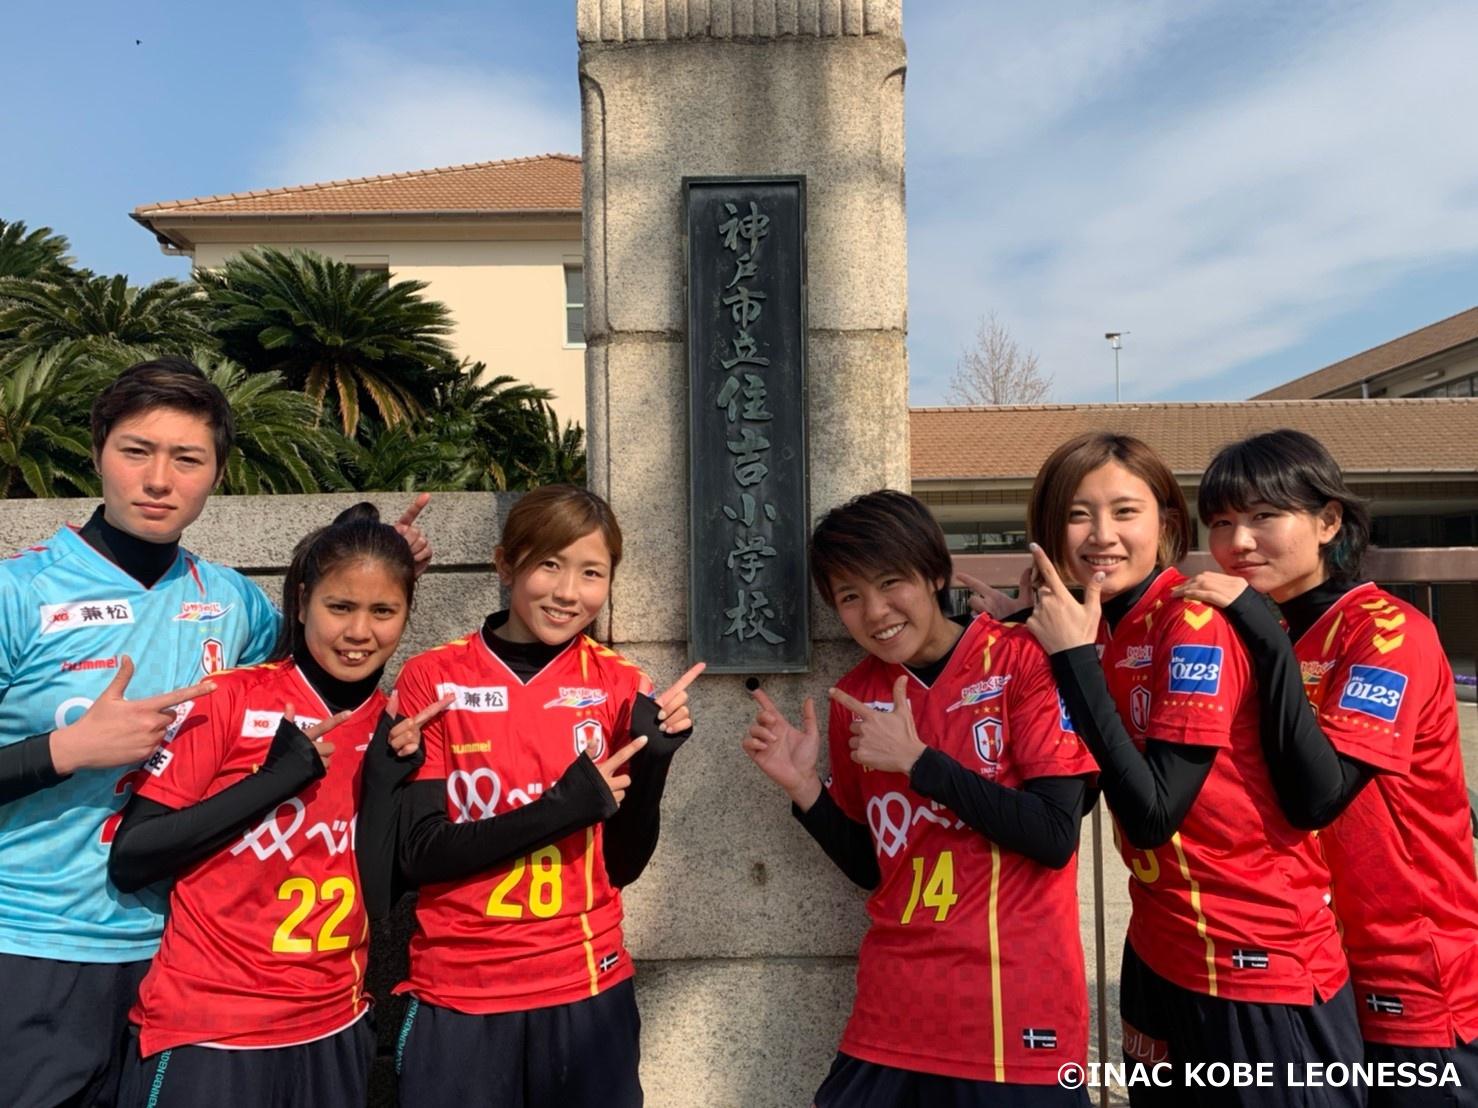 神戸市立住吉小学校で『ネスレ ヘルシーキッズ プログラム』を実施しました。